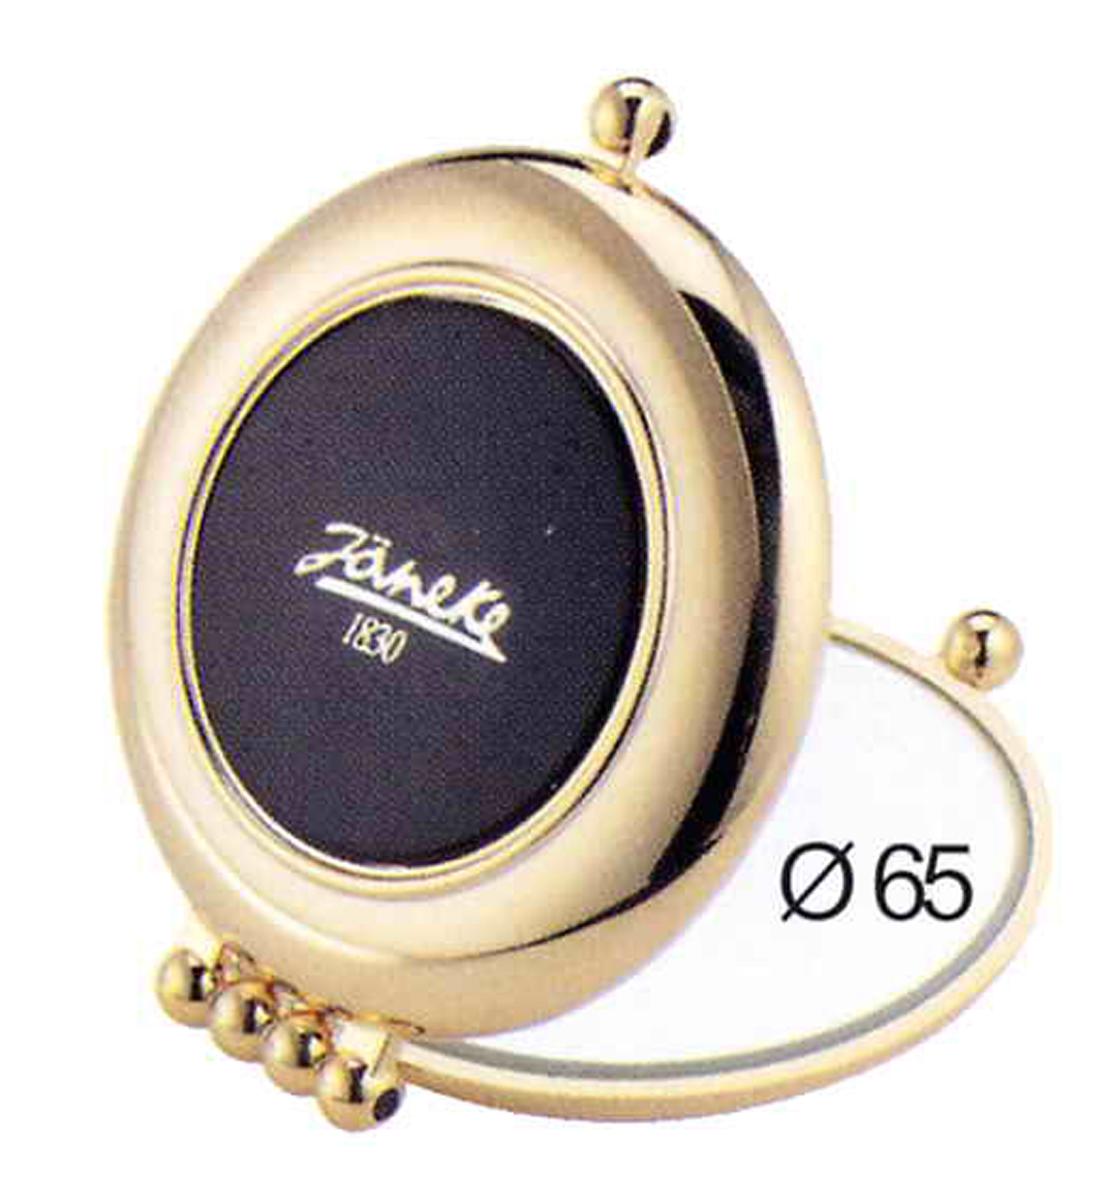 Janeke Зеркало карманное, линзы ZEISS, позолоченное, AU484.3 NER.579733Марка Janeke – мировой лидер по производству расчесок, щеток, маникюрных принадлежностей, зеркал и косметичек. Марка Janeke, основанная в 1830 году, вот уже почти 180 лет поддерживает непревзойденное качество своей продукции, сочетая новейшие технологии с традициями ста- рых миланских мастеров. Все изделия на 80% производятся вручную, а инновационные технологии и современные материалы делают продукцию марки поистине уникальной. Стильный и эргономичный дизайн, яркие цветовые решения – все это приносит истин- ное удовольствие от использования аксессуаров Janeke. Компактные зеркала Janeke имеют линзы с обычным и трехкратным увеличением, которые позволяют быстро и легко поправить макияж в дороге. А благодаря стильному дизайну и миниатюрному размеру компактное зеркало Janeke станет любимым аксессуаром любой женщины.